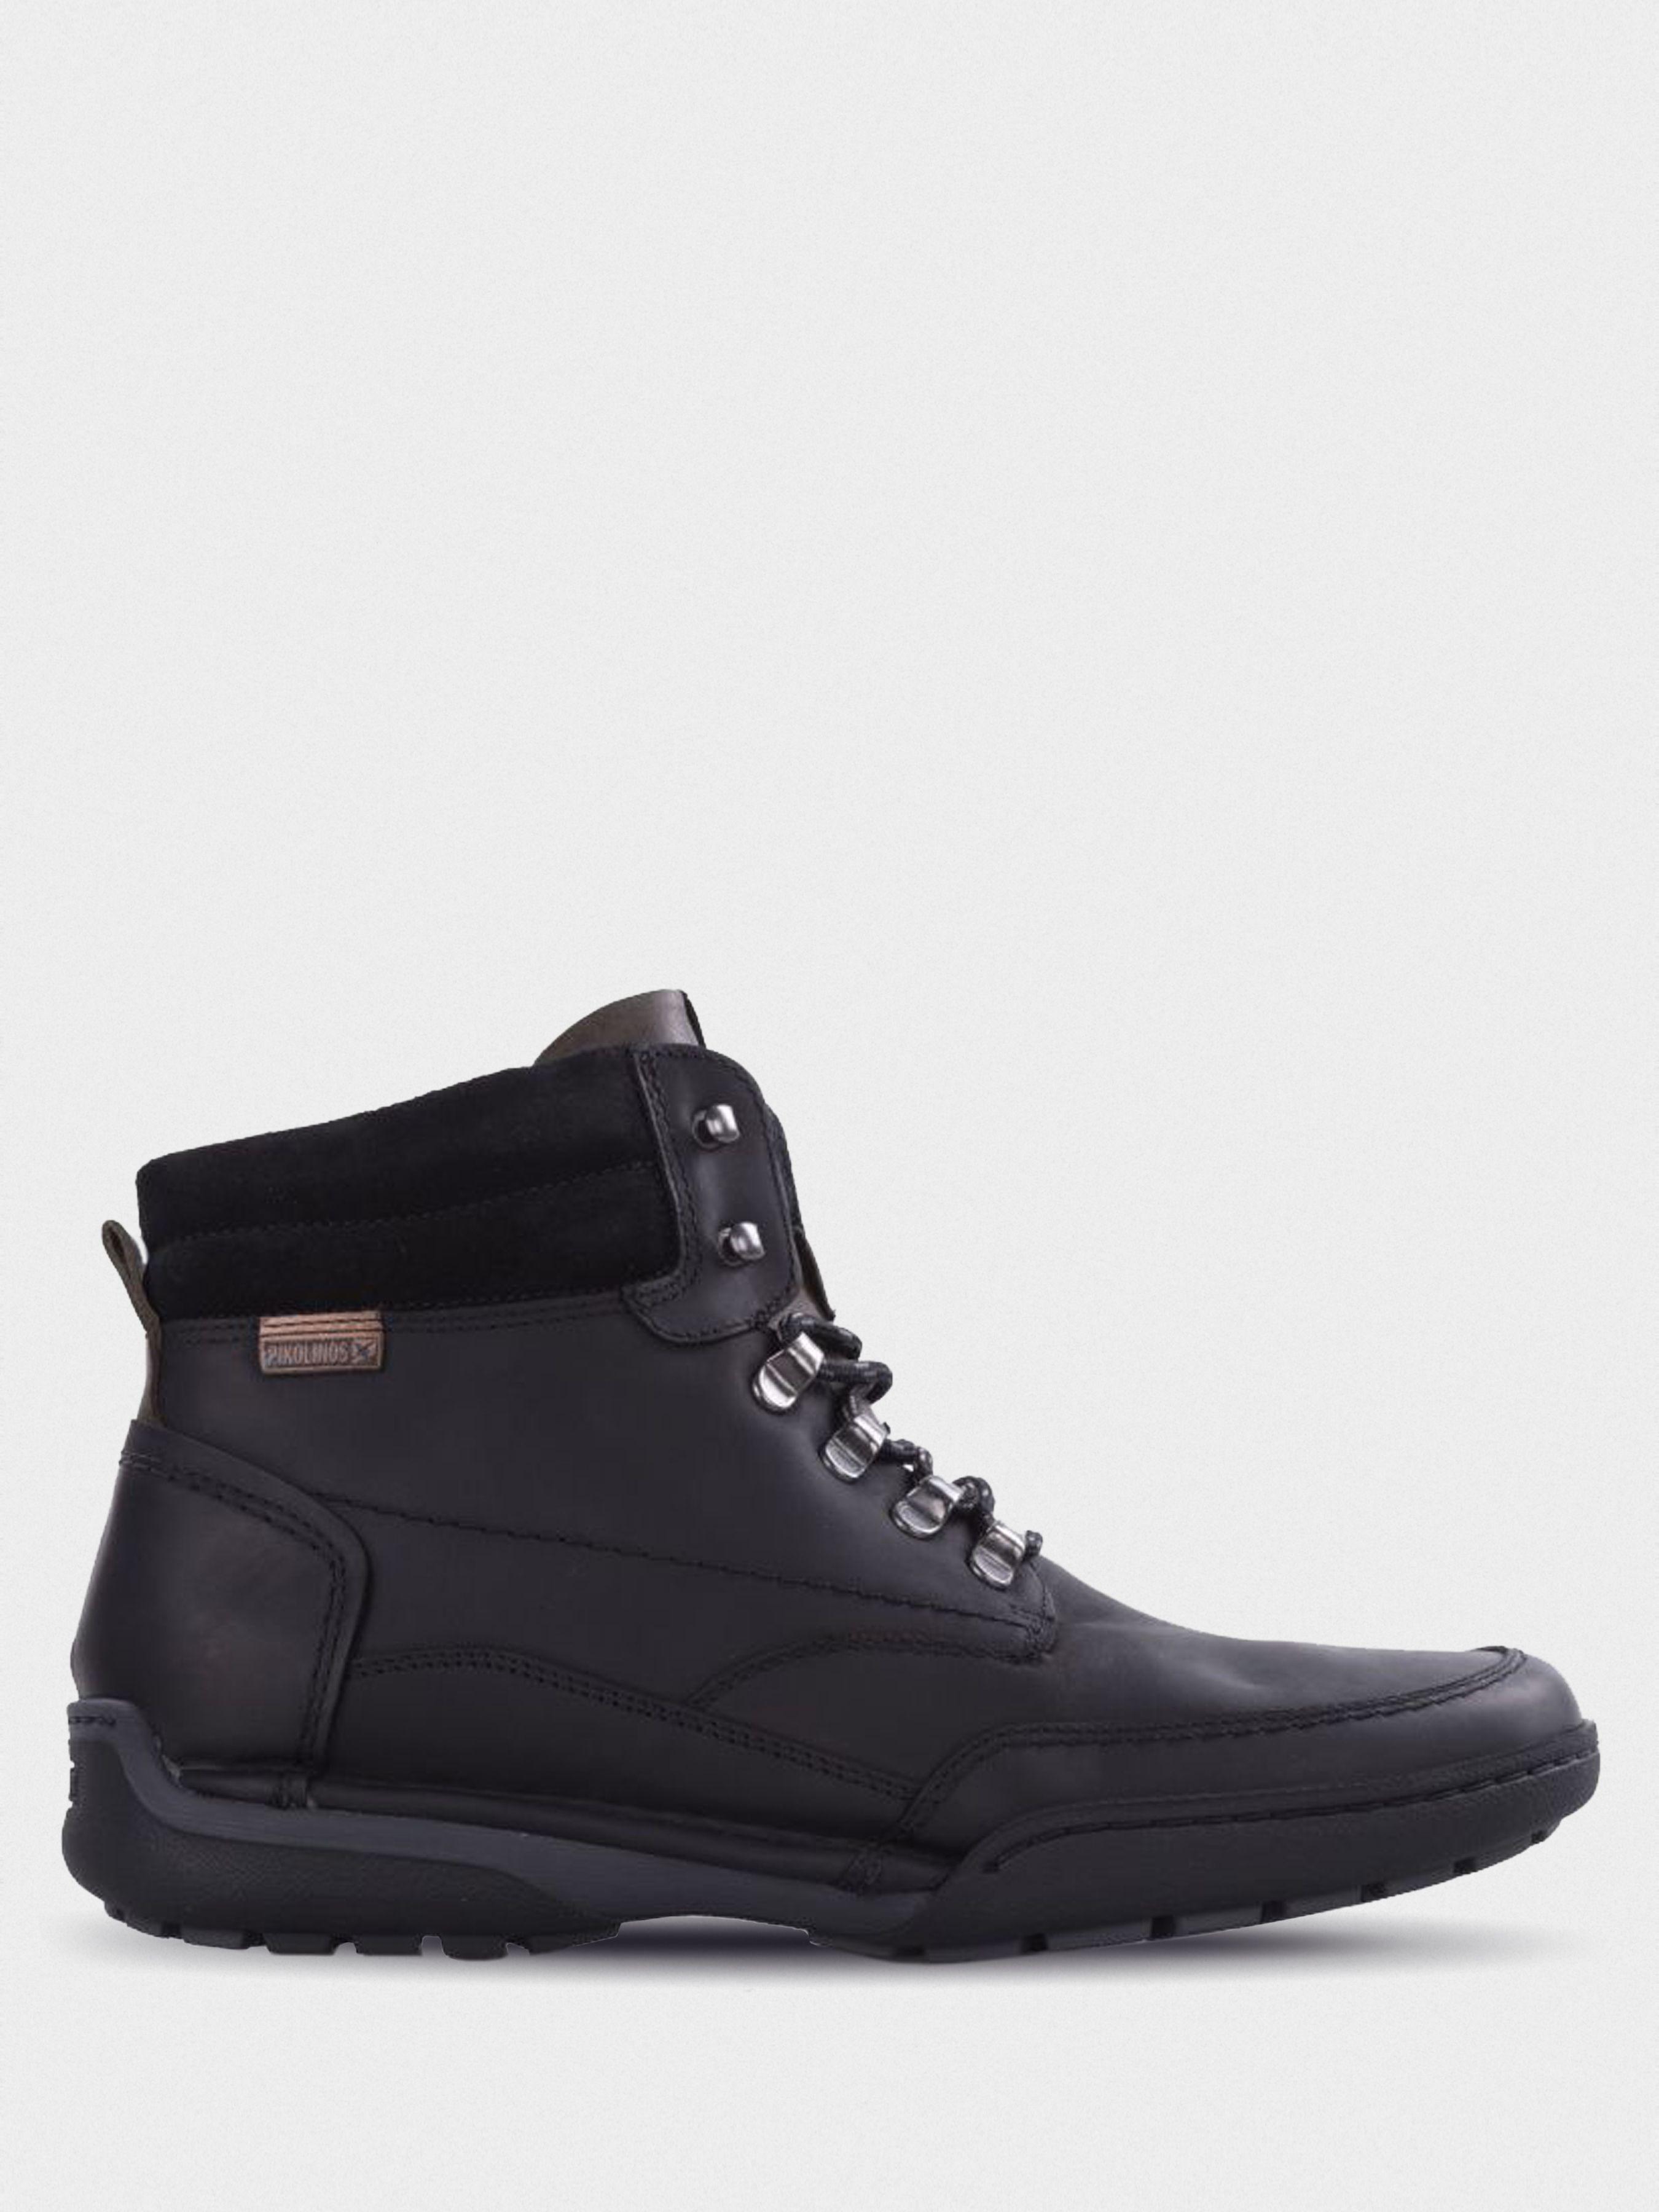 Купить Ботинки мужские PIKOLINOS ESTOC SH282, Черный